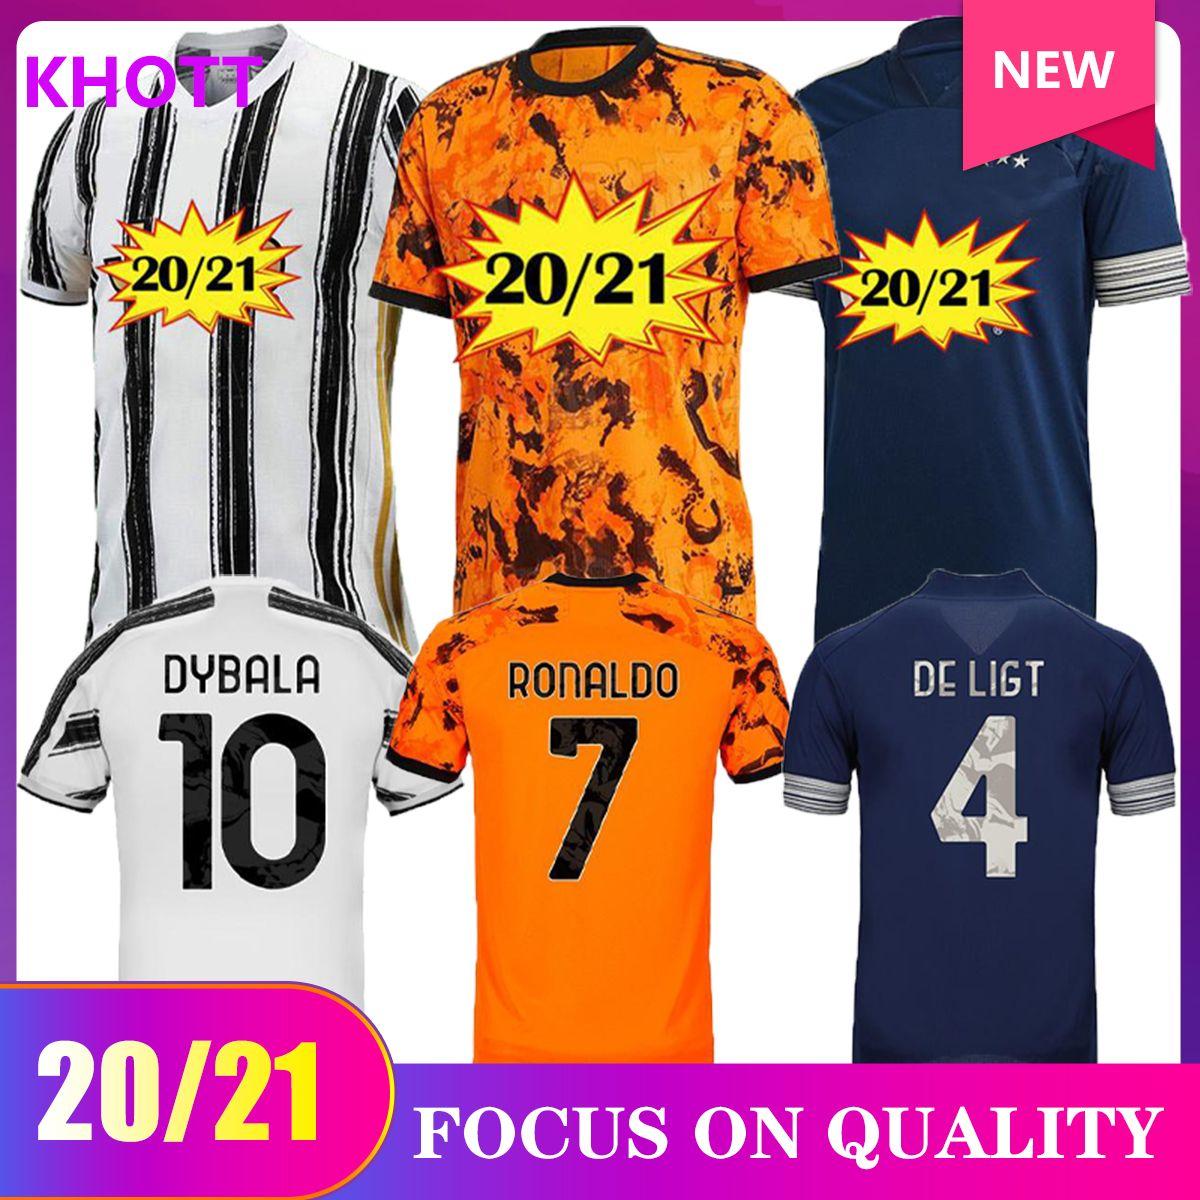 2020 2021 nuovi uomini Jersey di calcio 20 21 top uomini magliette di calcio di calcio maglie camiseta de fútbol maillot de foot